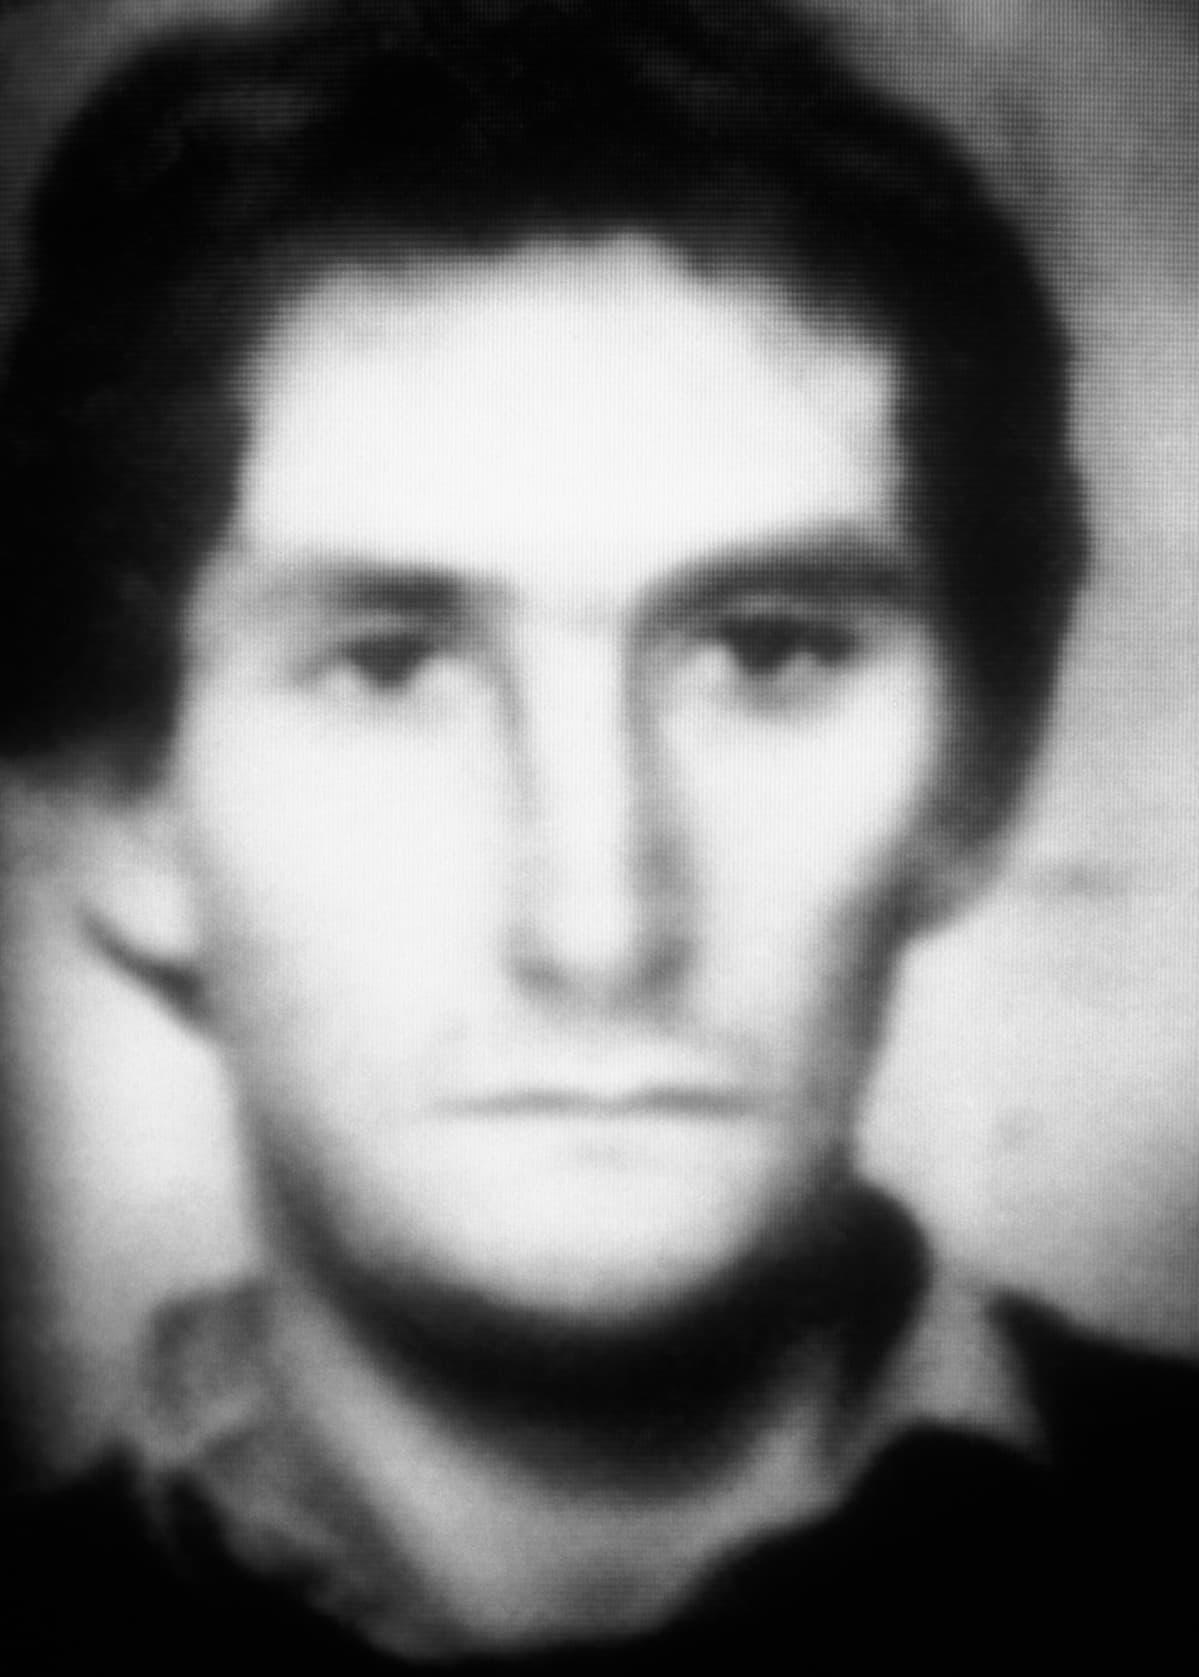 Tietokoneella työstetty havainnekuva murhaajan kasvoista.